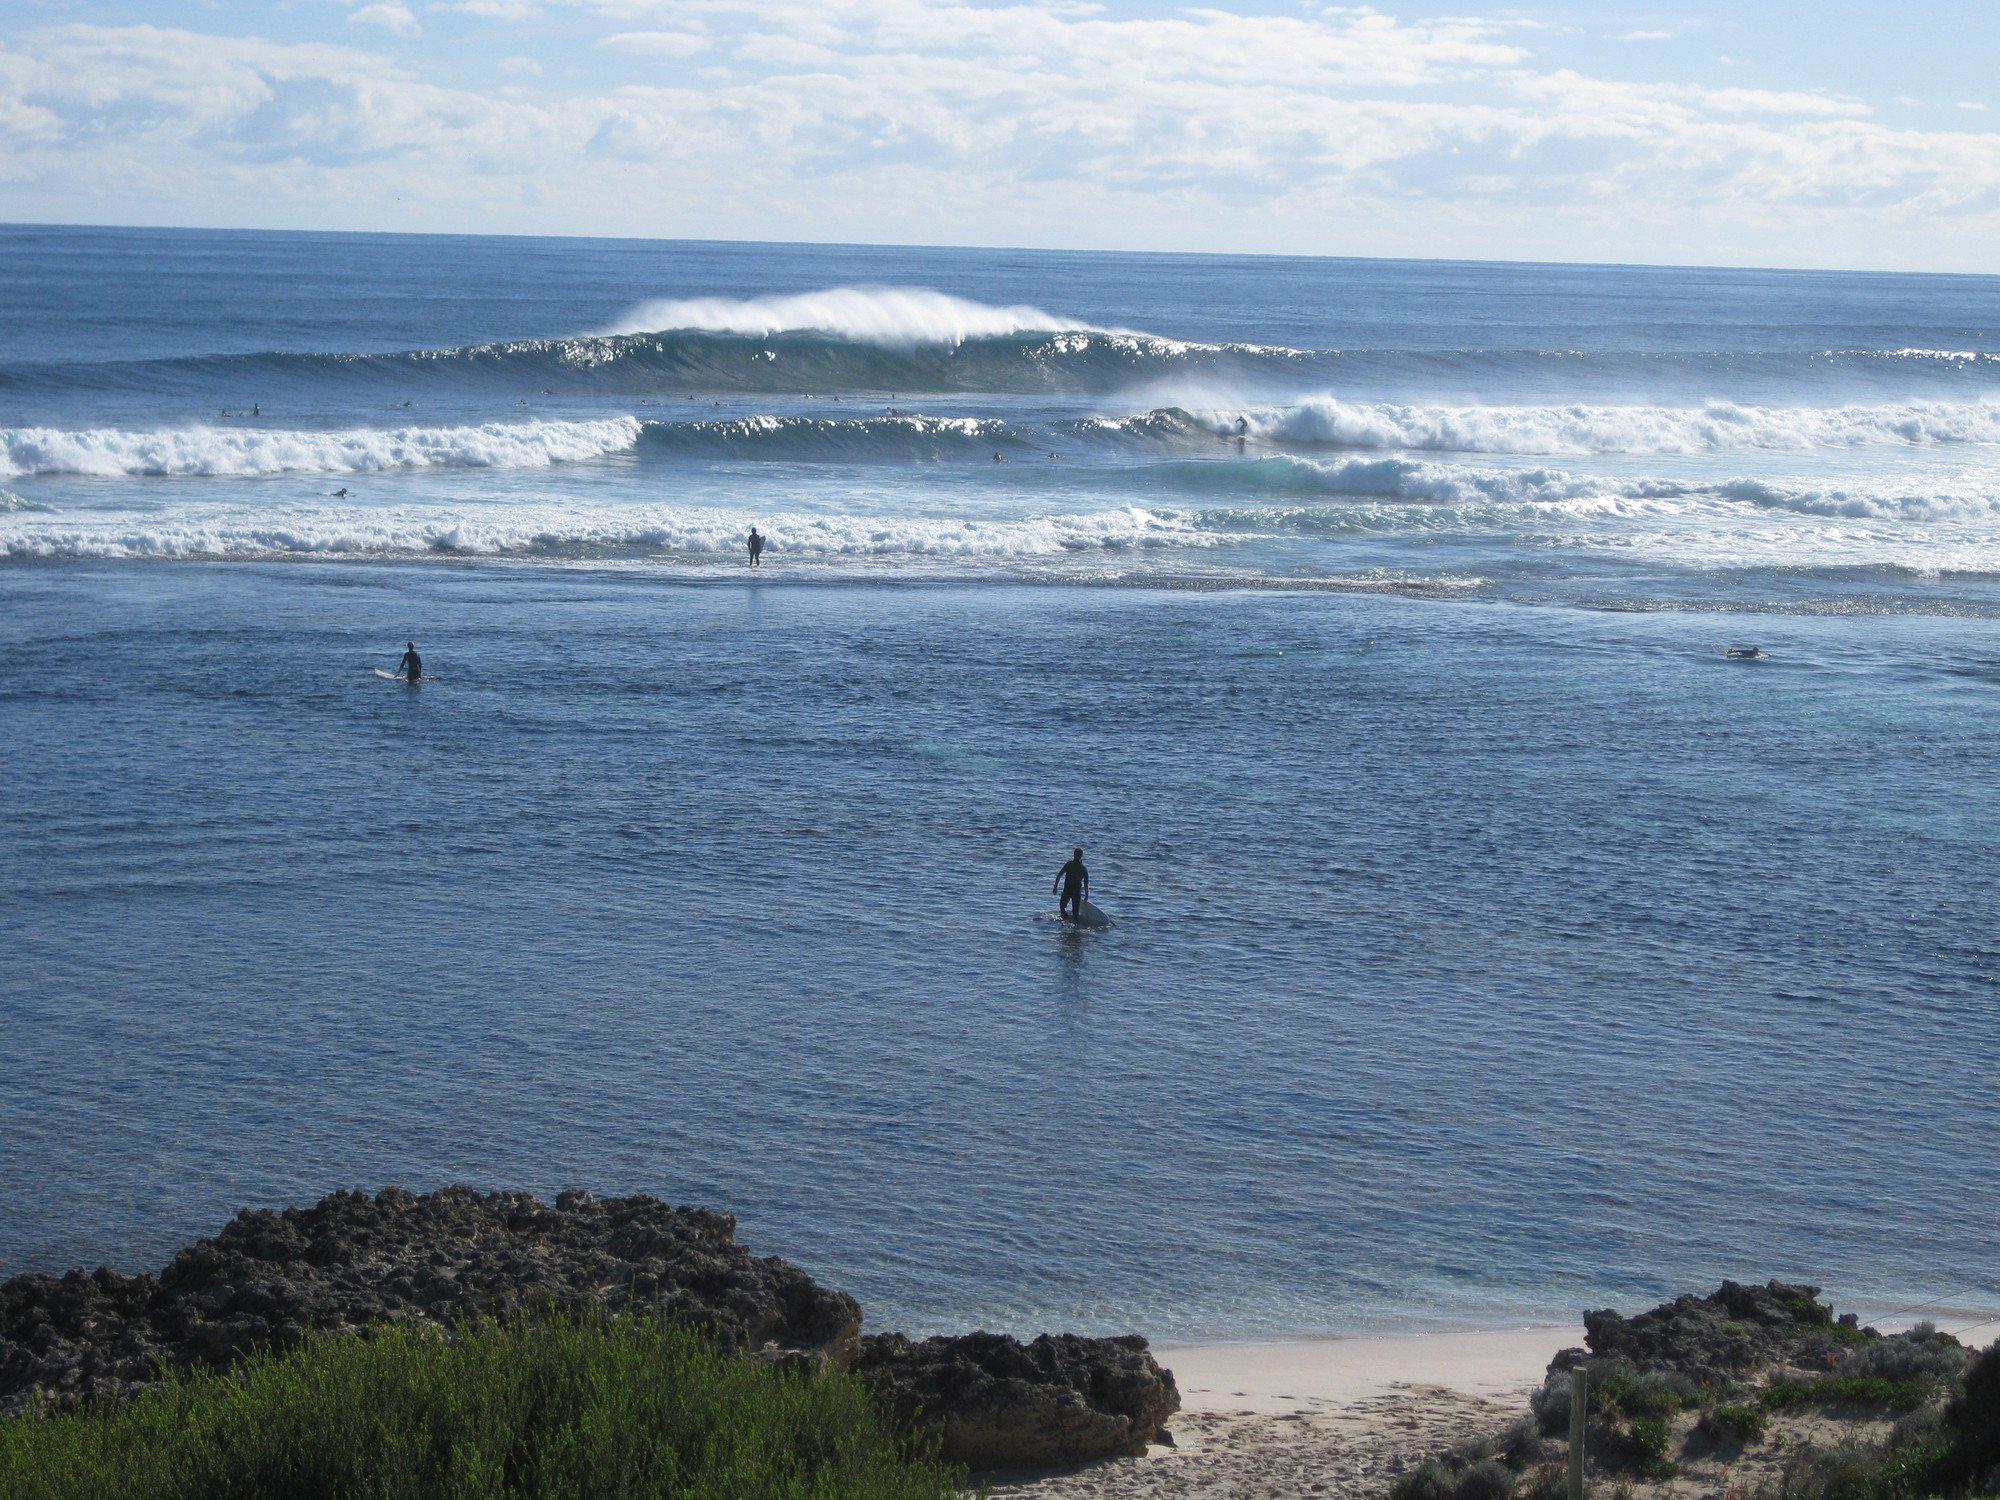 Surfing in Western Australia: Yallingup